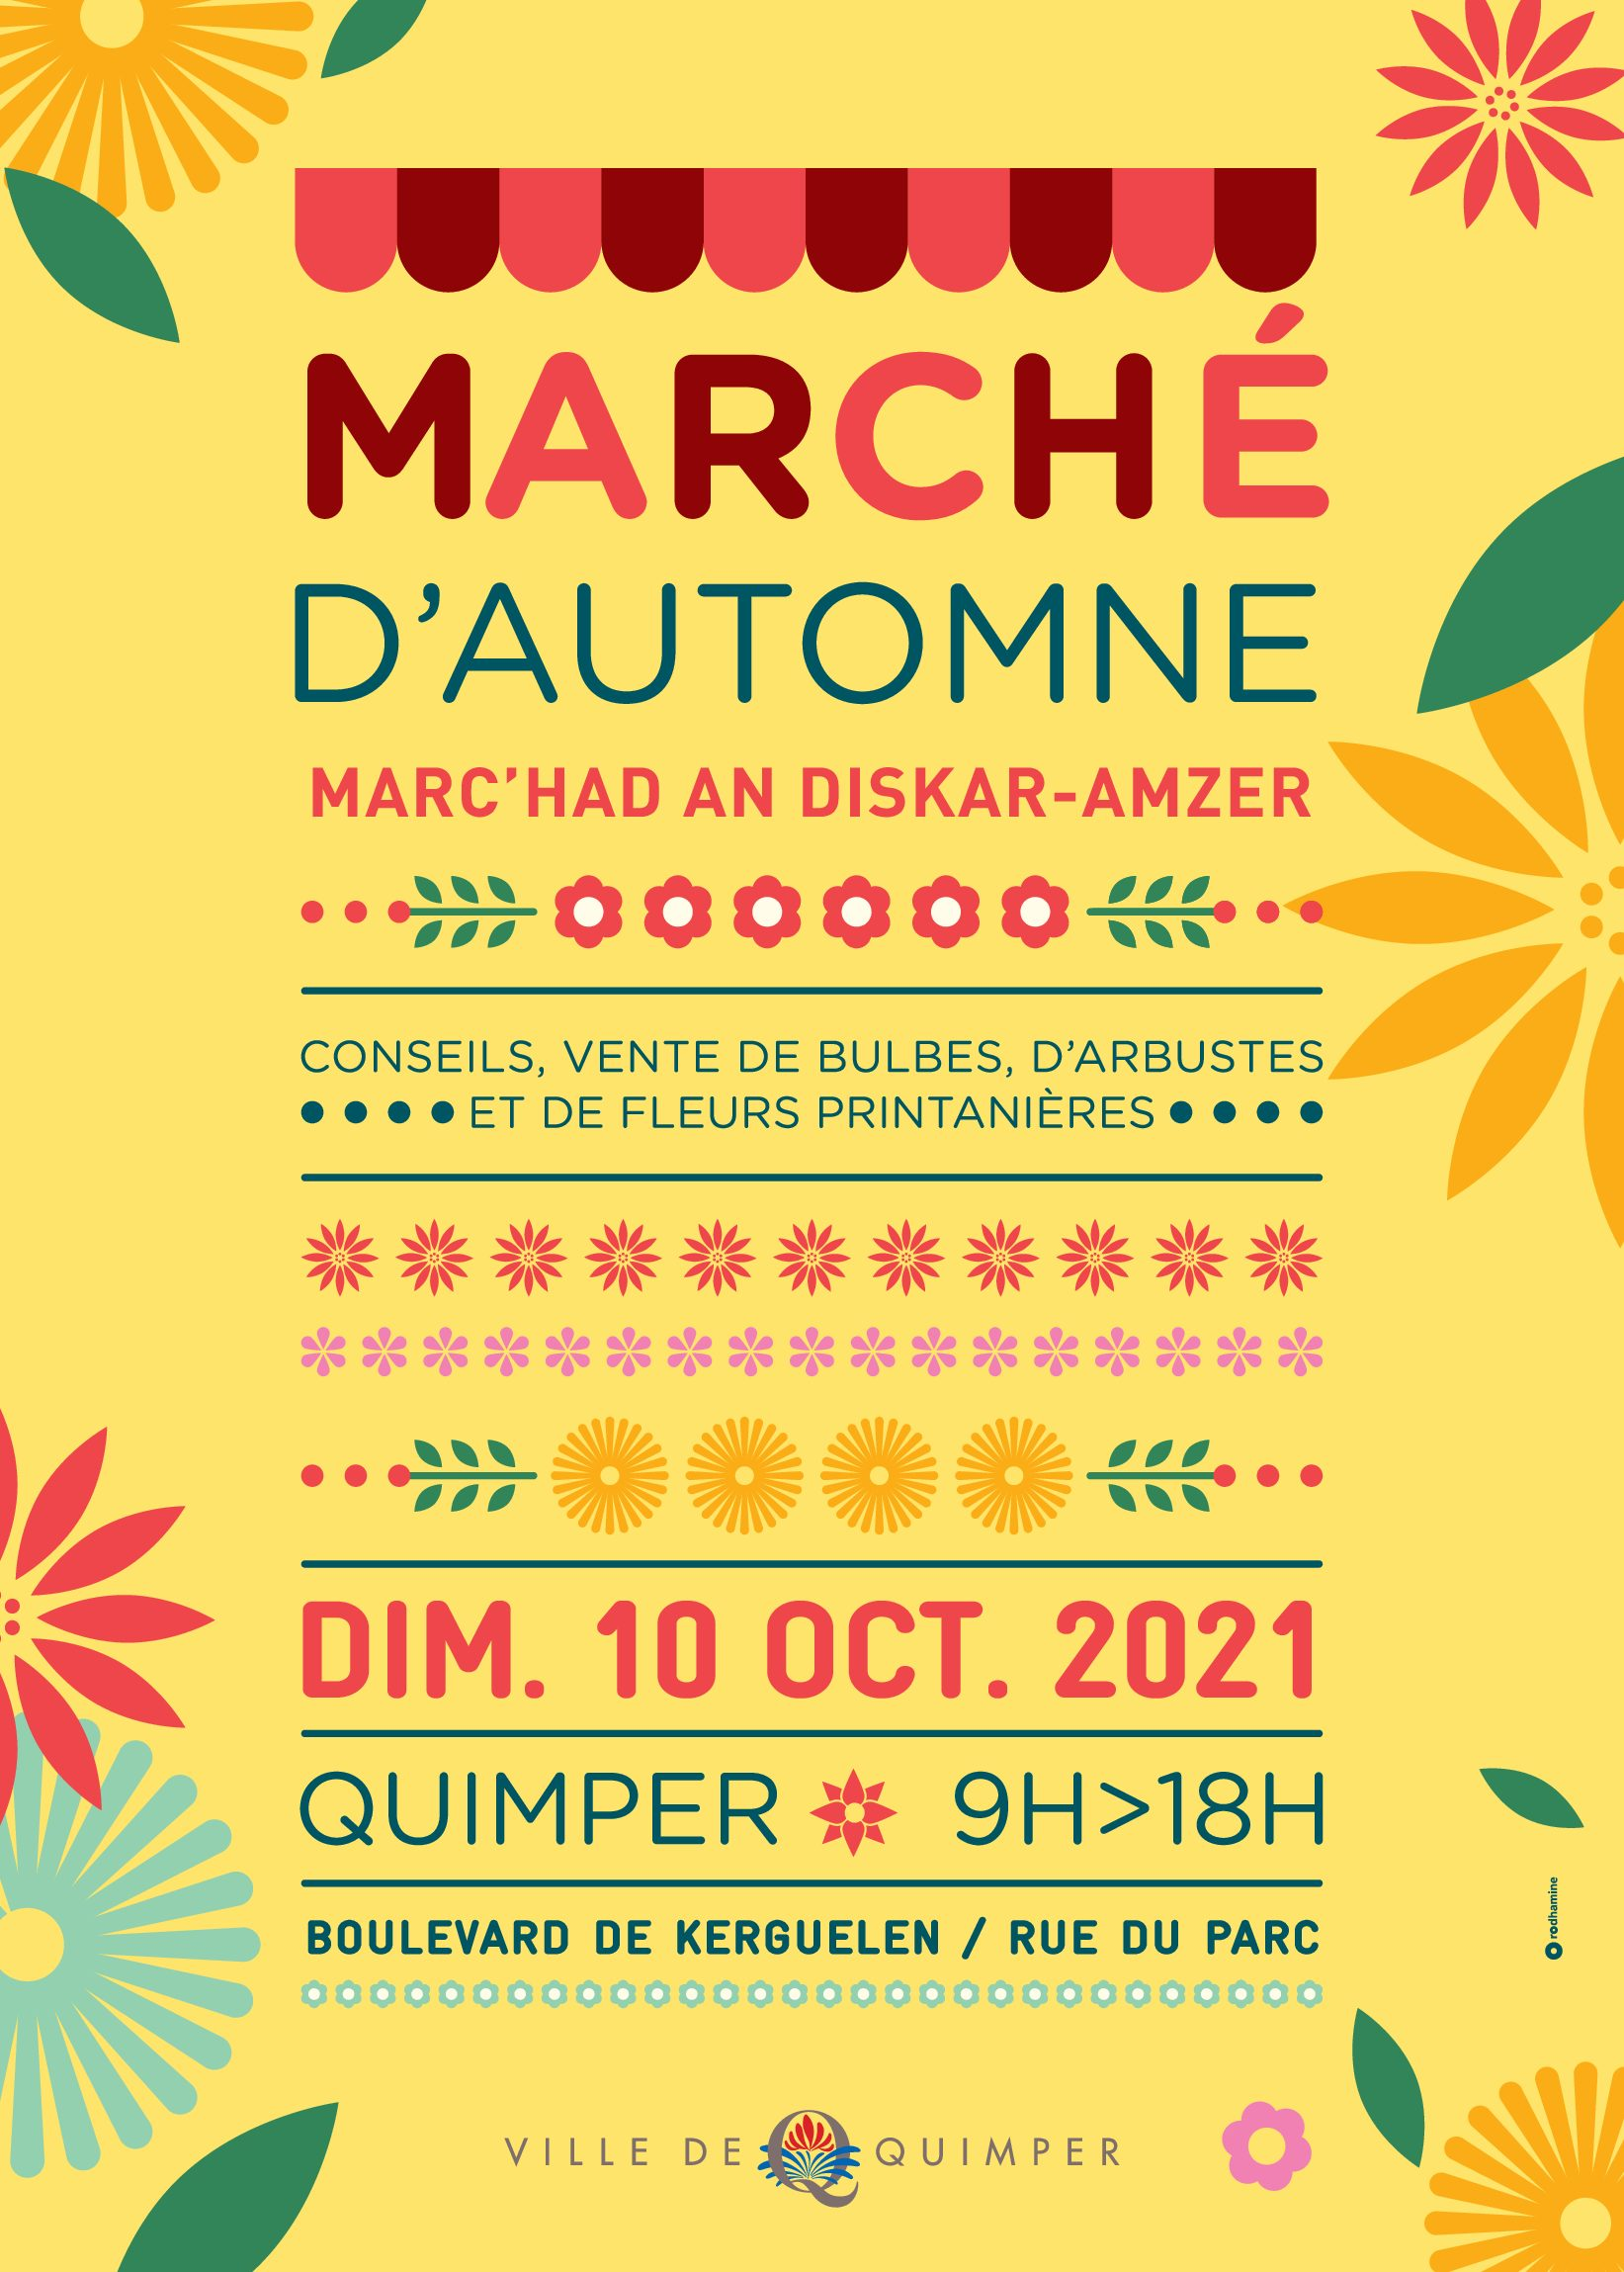 marche_fleur_automne2021-1-pdf